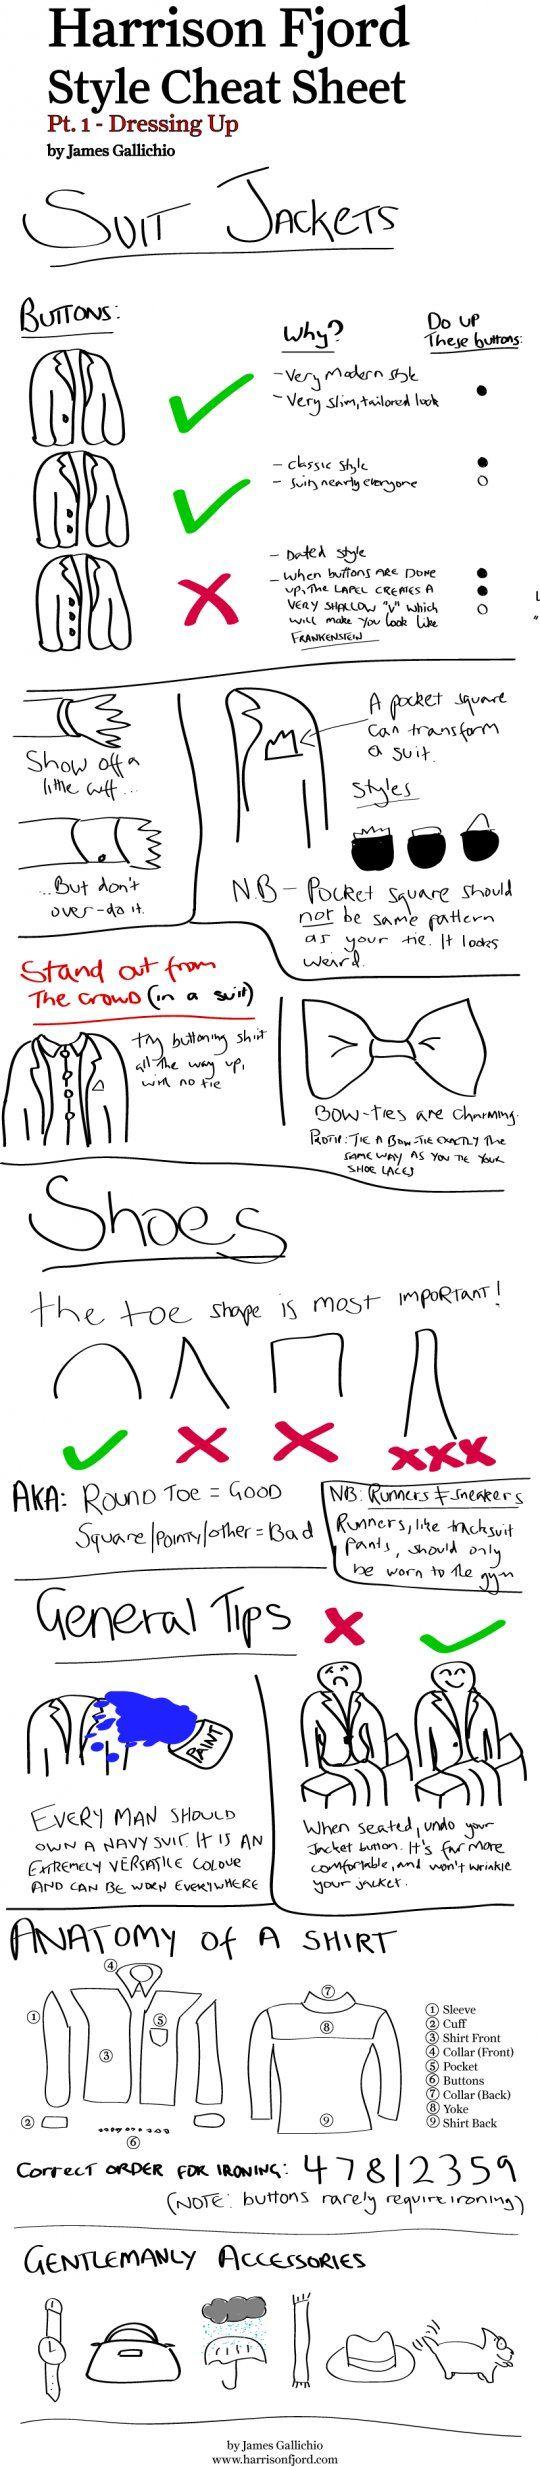 men's style tips